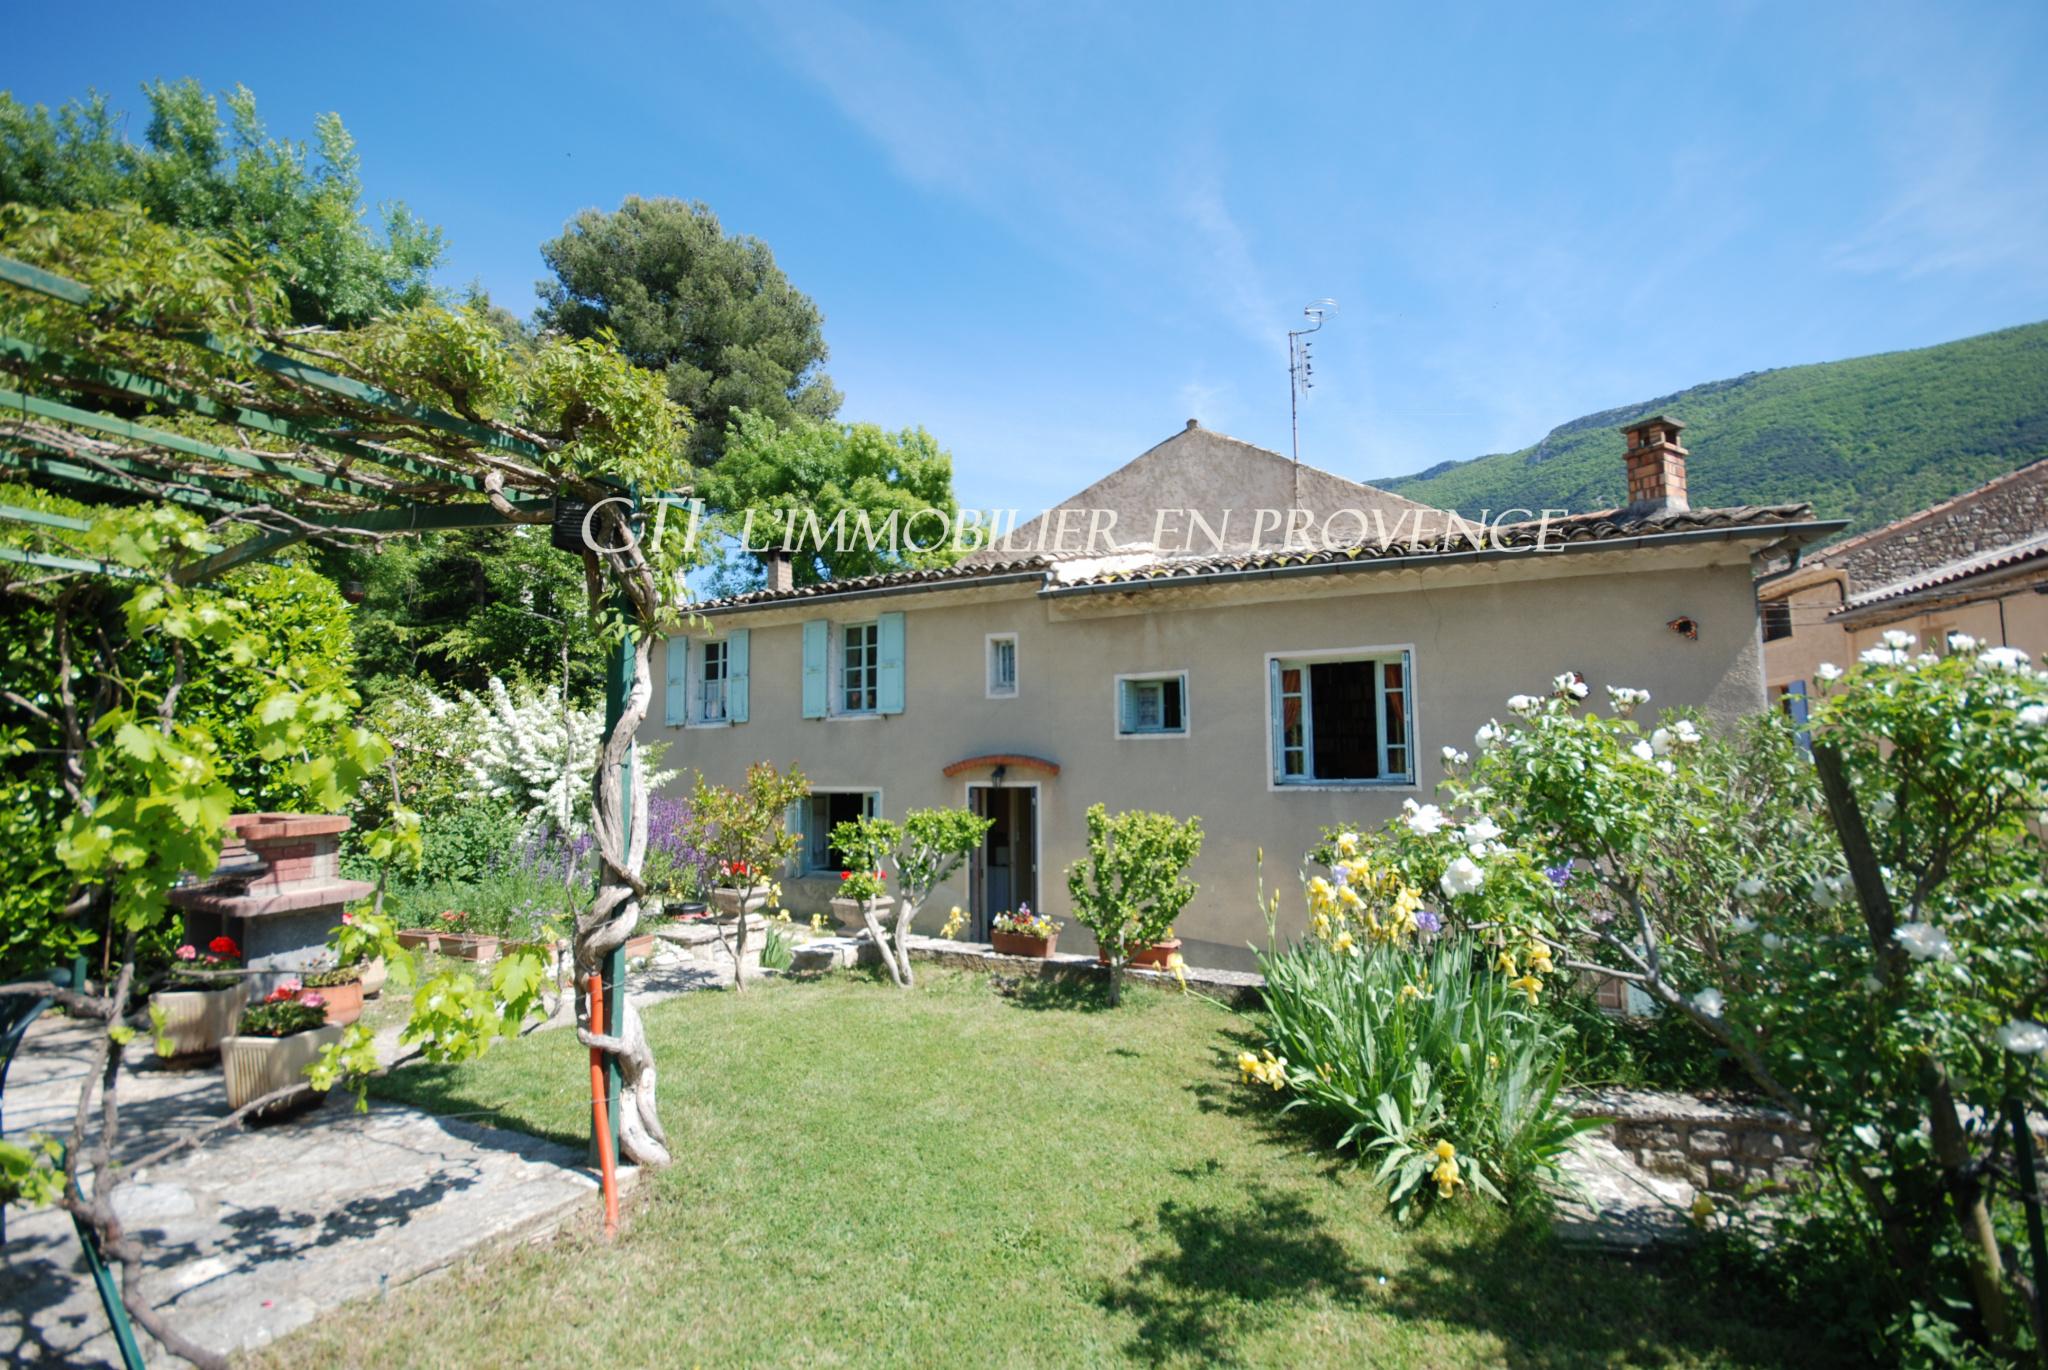 0 www.cti-provence.net MAISON DE VILLAGE JARDIN CLOS CONSTRUCTIBLE PISCINABLE TERRASSE 2 CHAMBRES